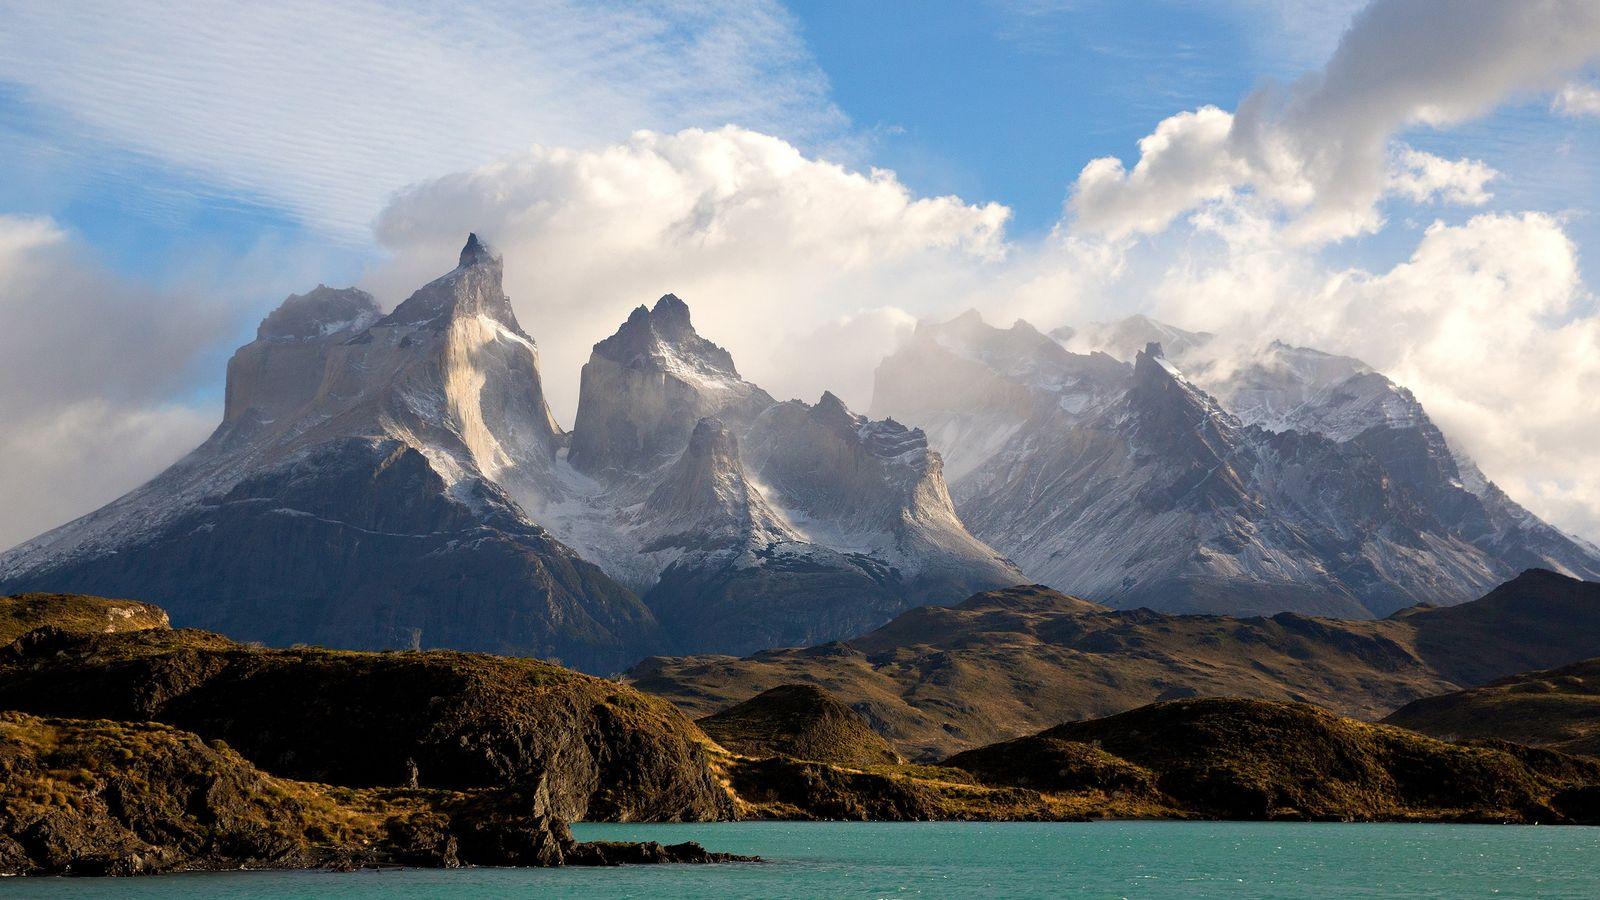 L'un des premiers visiteurs du parc national Torres del Paine au Chili l'a défini comme « ...